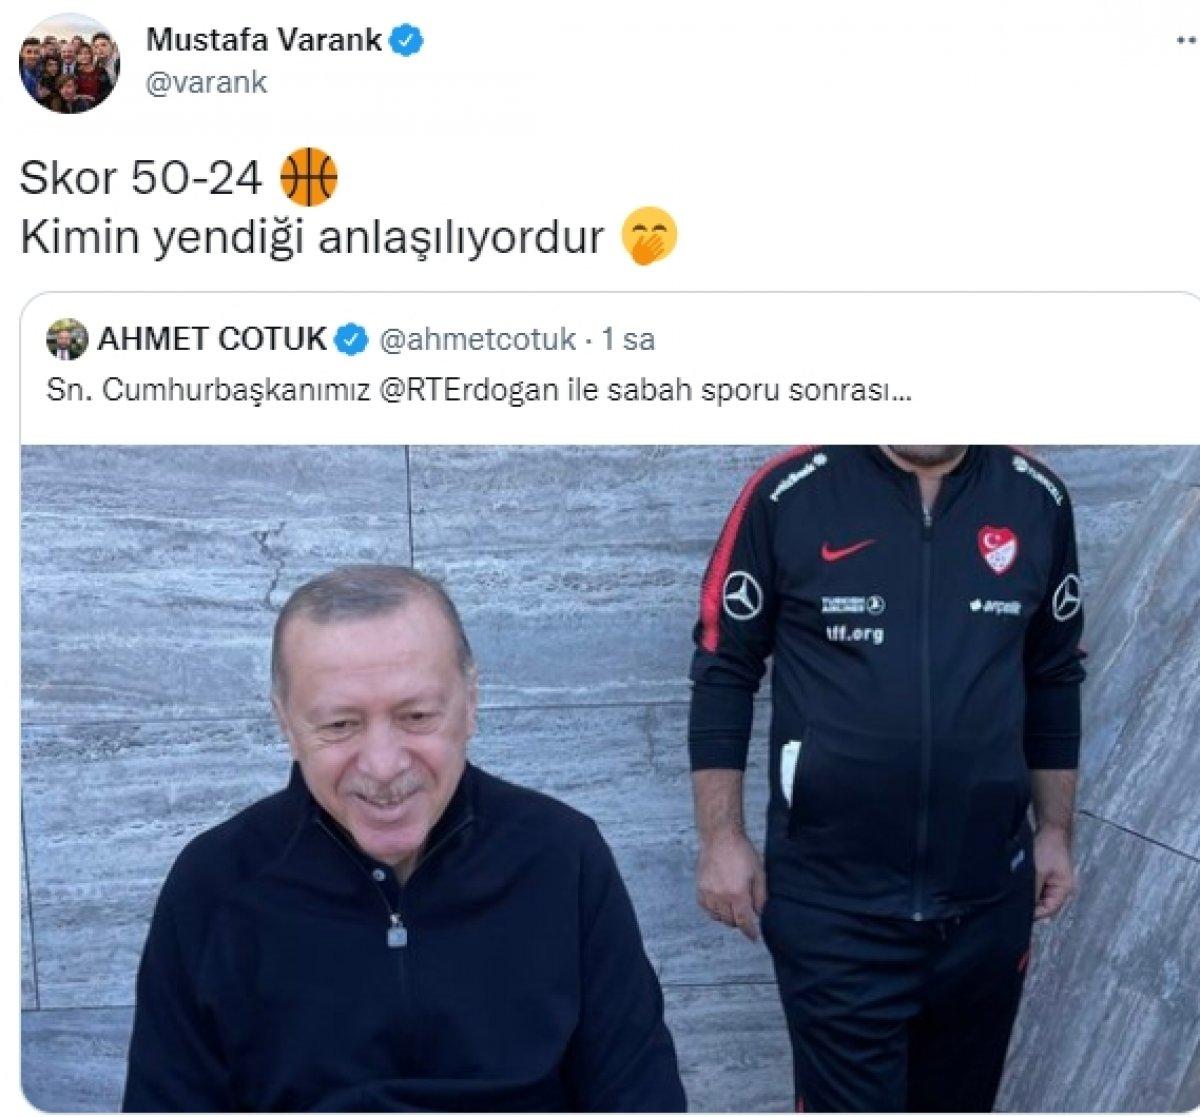 Cumhurbaşkanı Erdoğan sabah sporunda #1